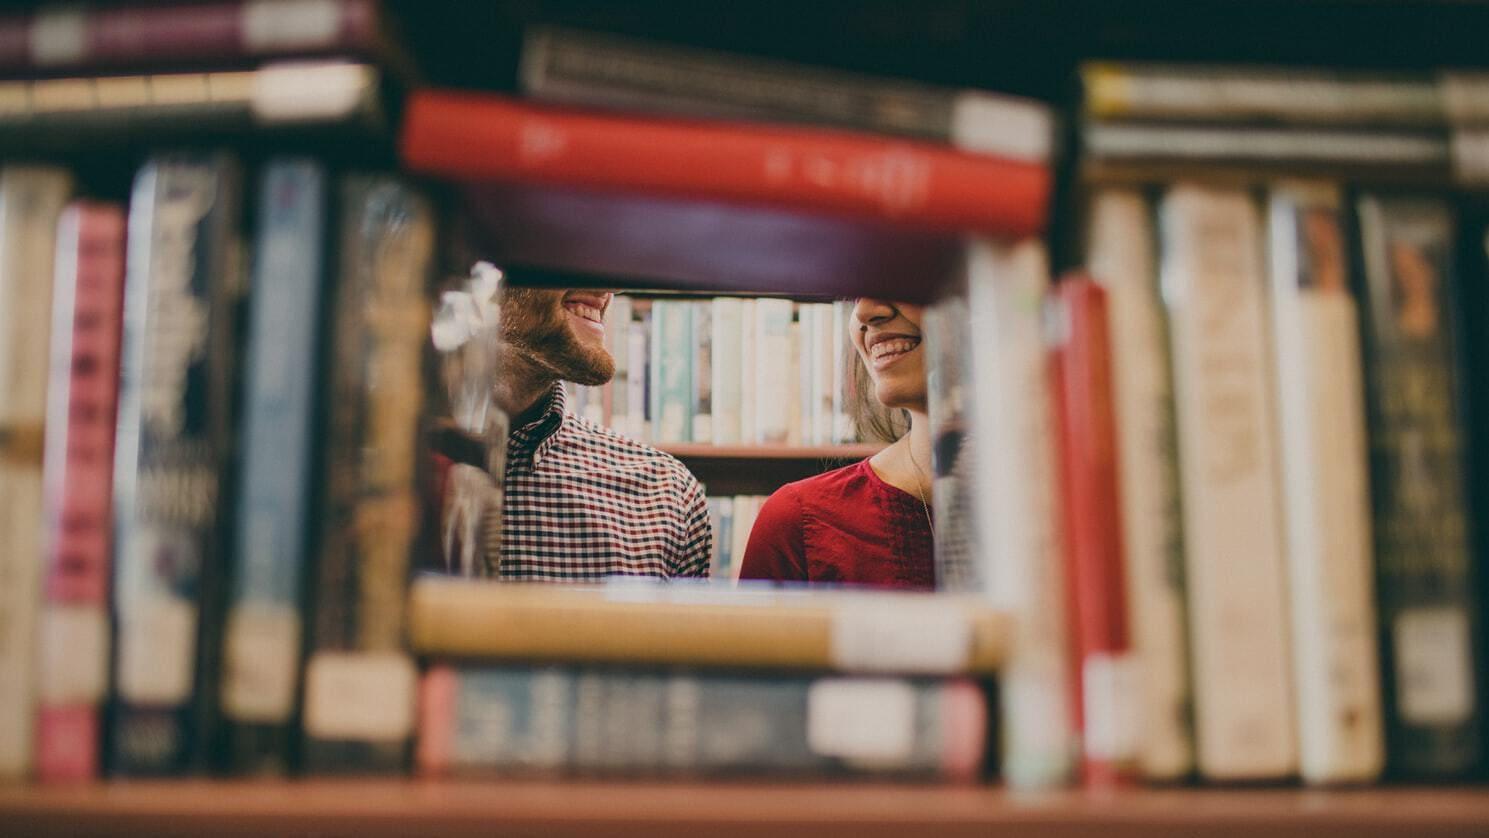 Les meilleurs livres sur la réativité